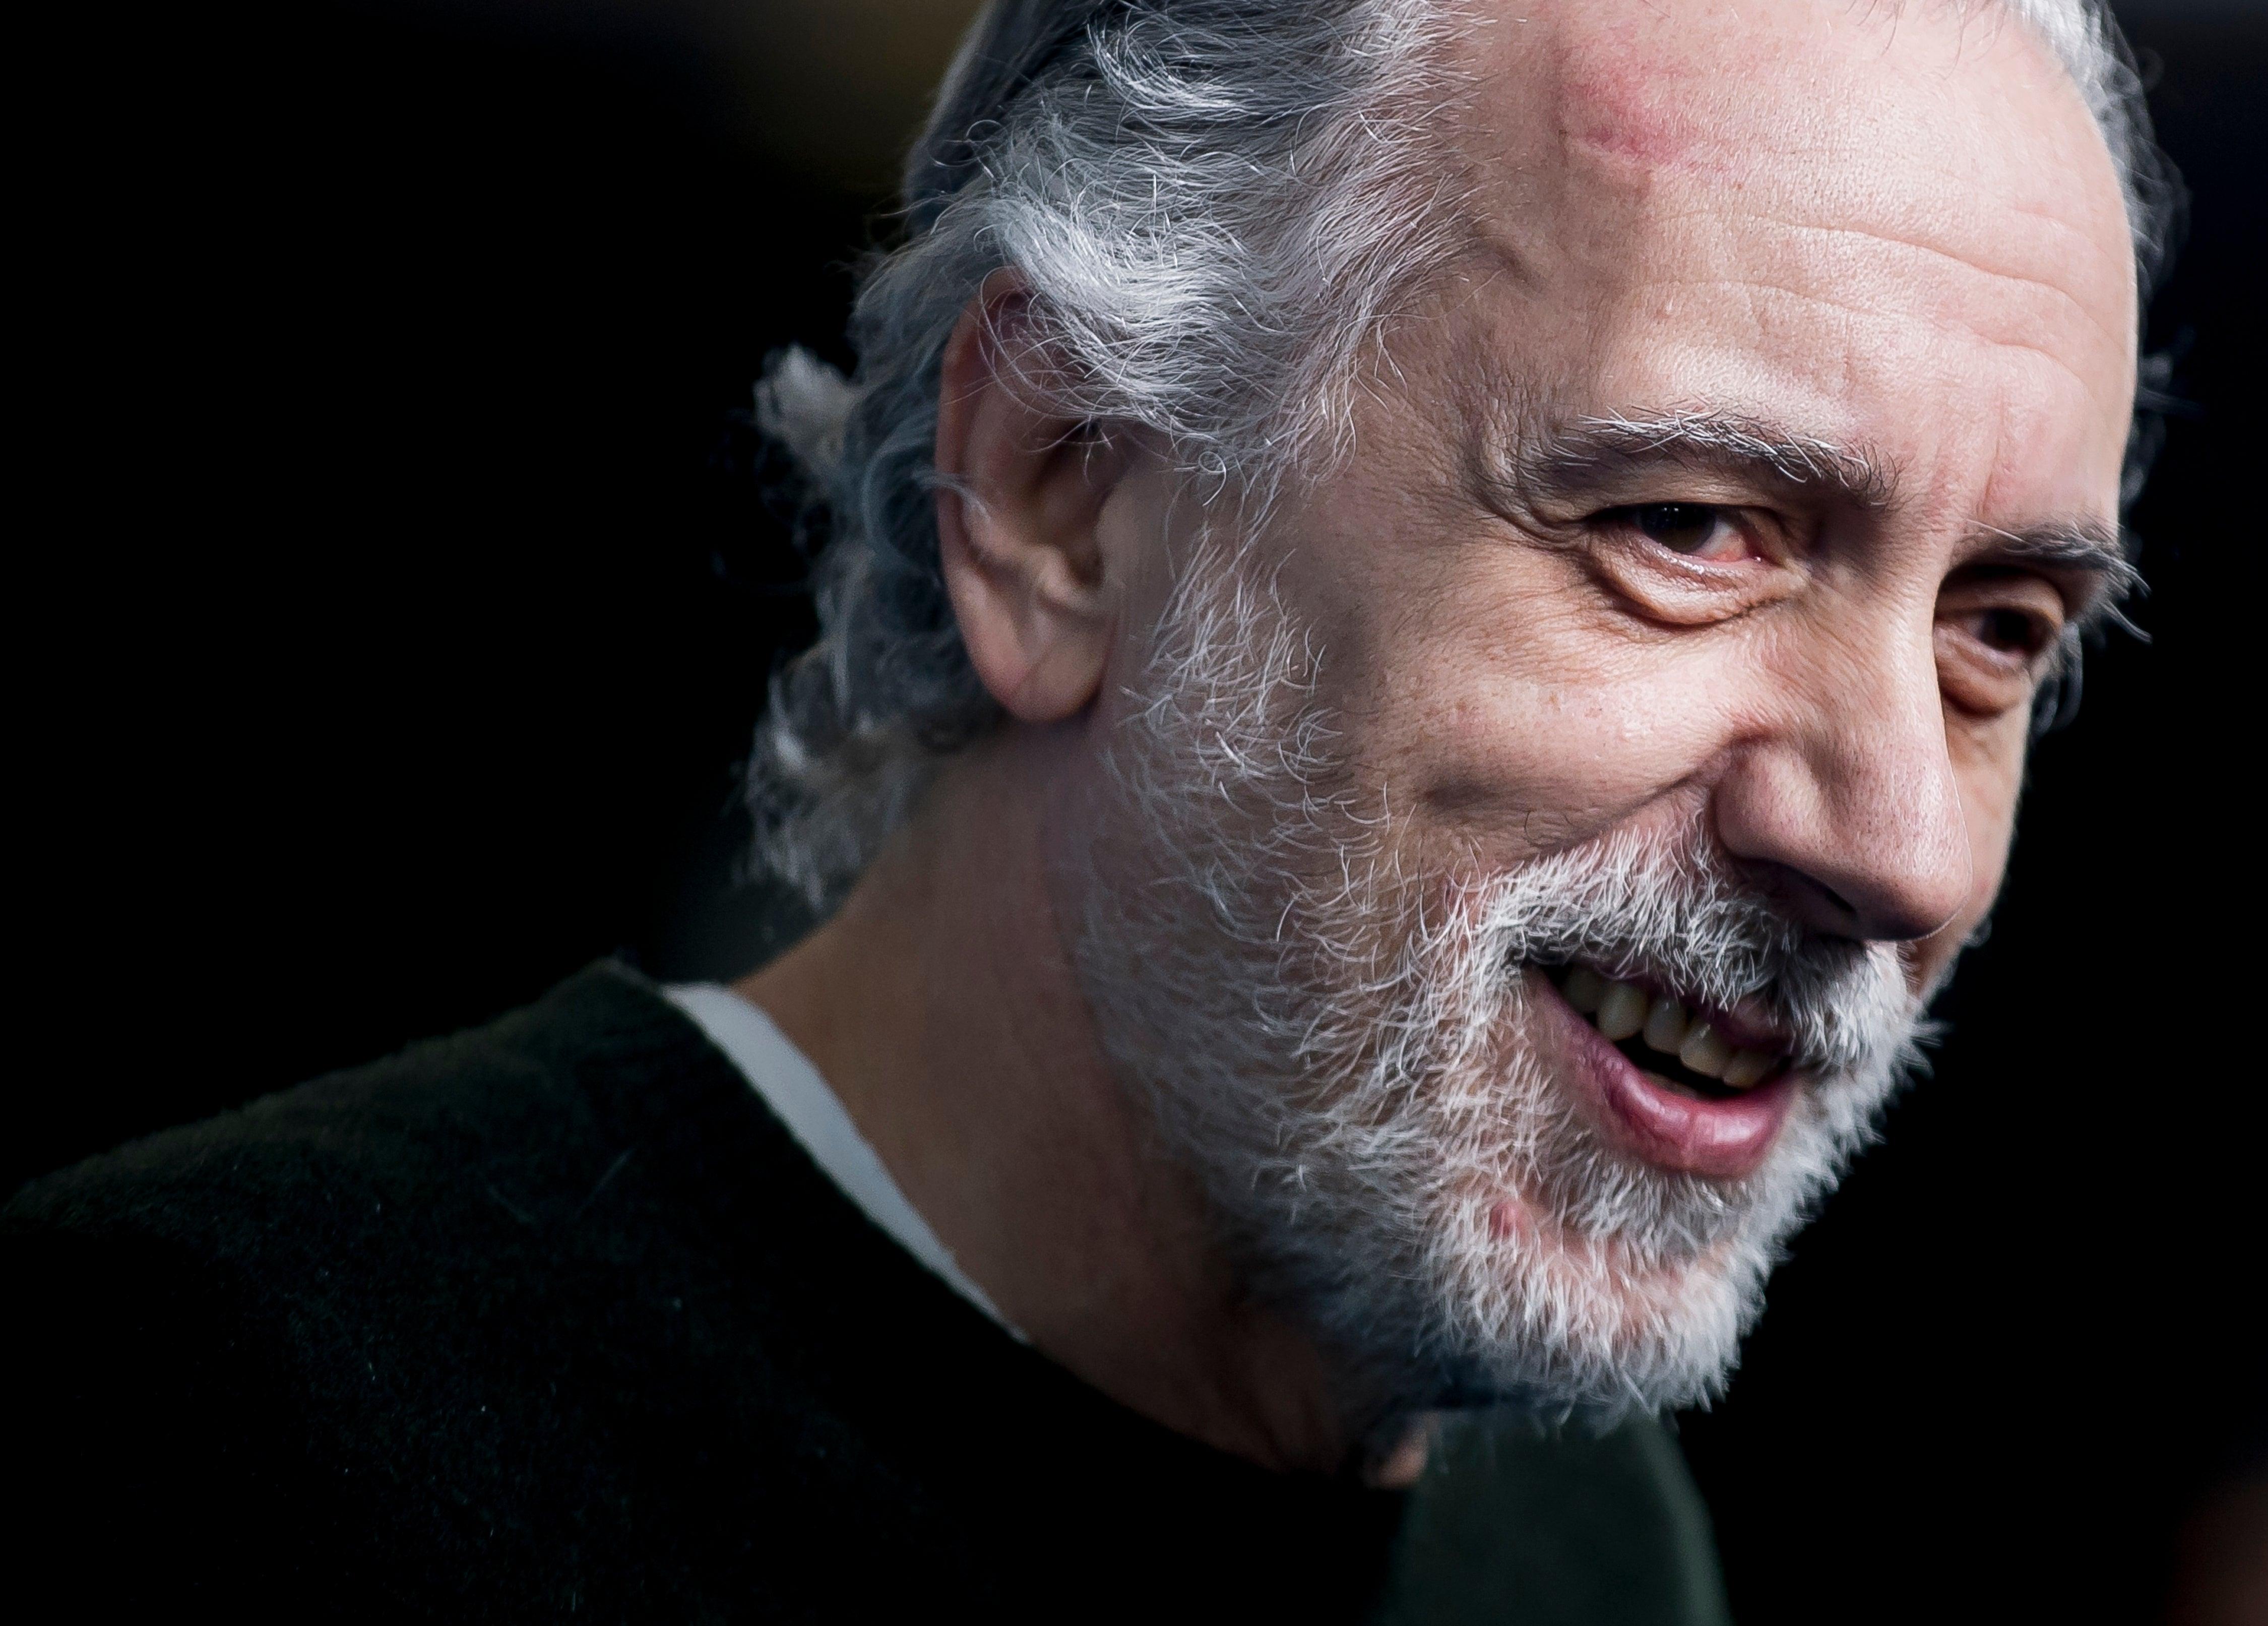 Sopanish director Fernando Trueba